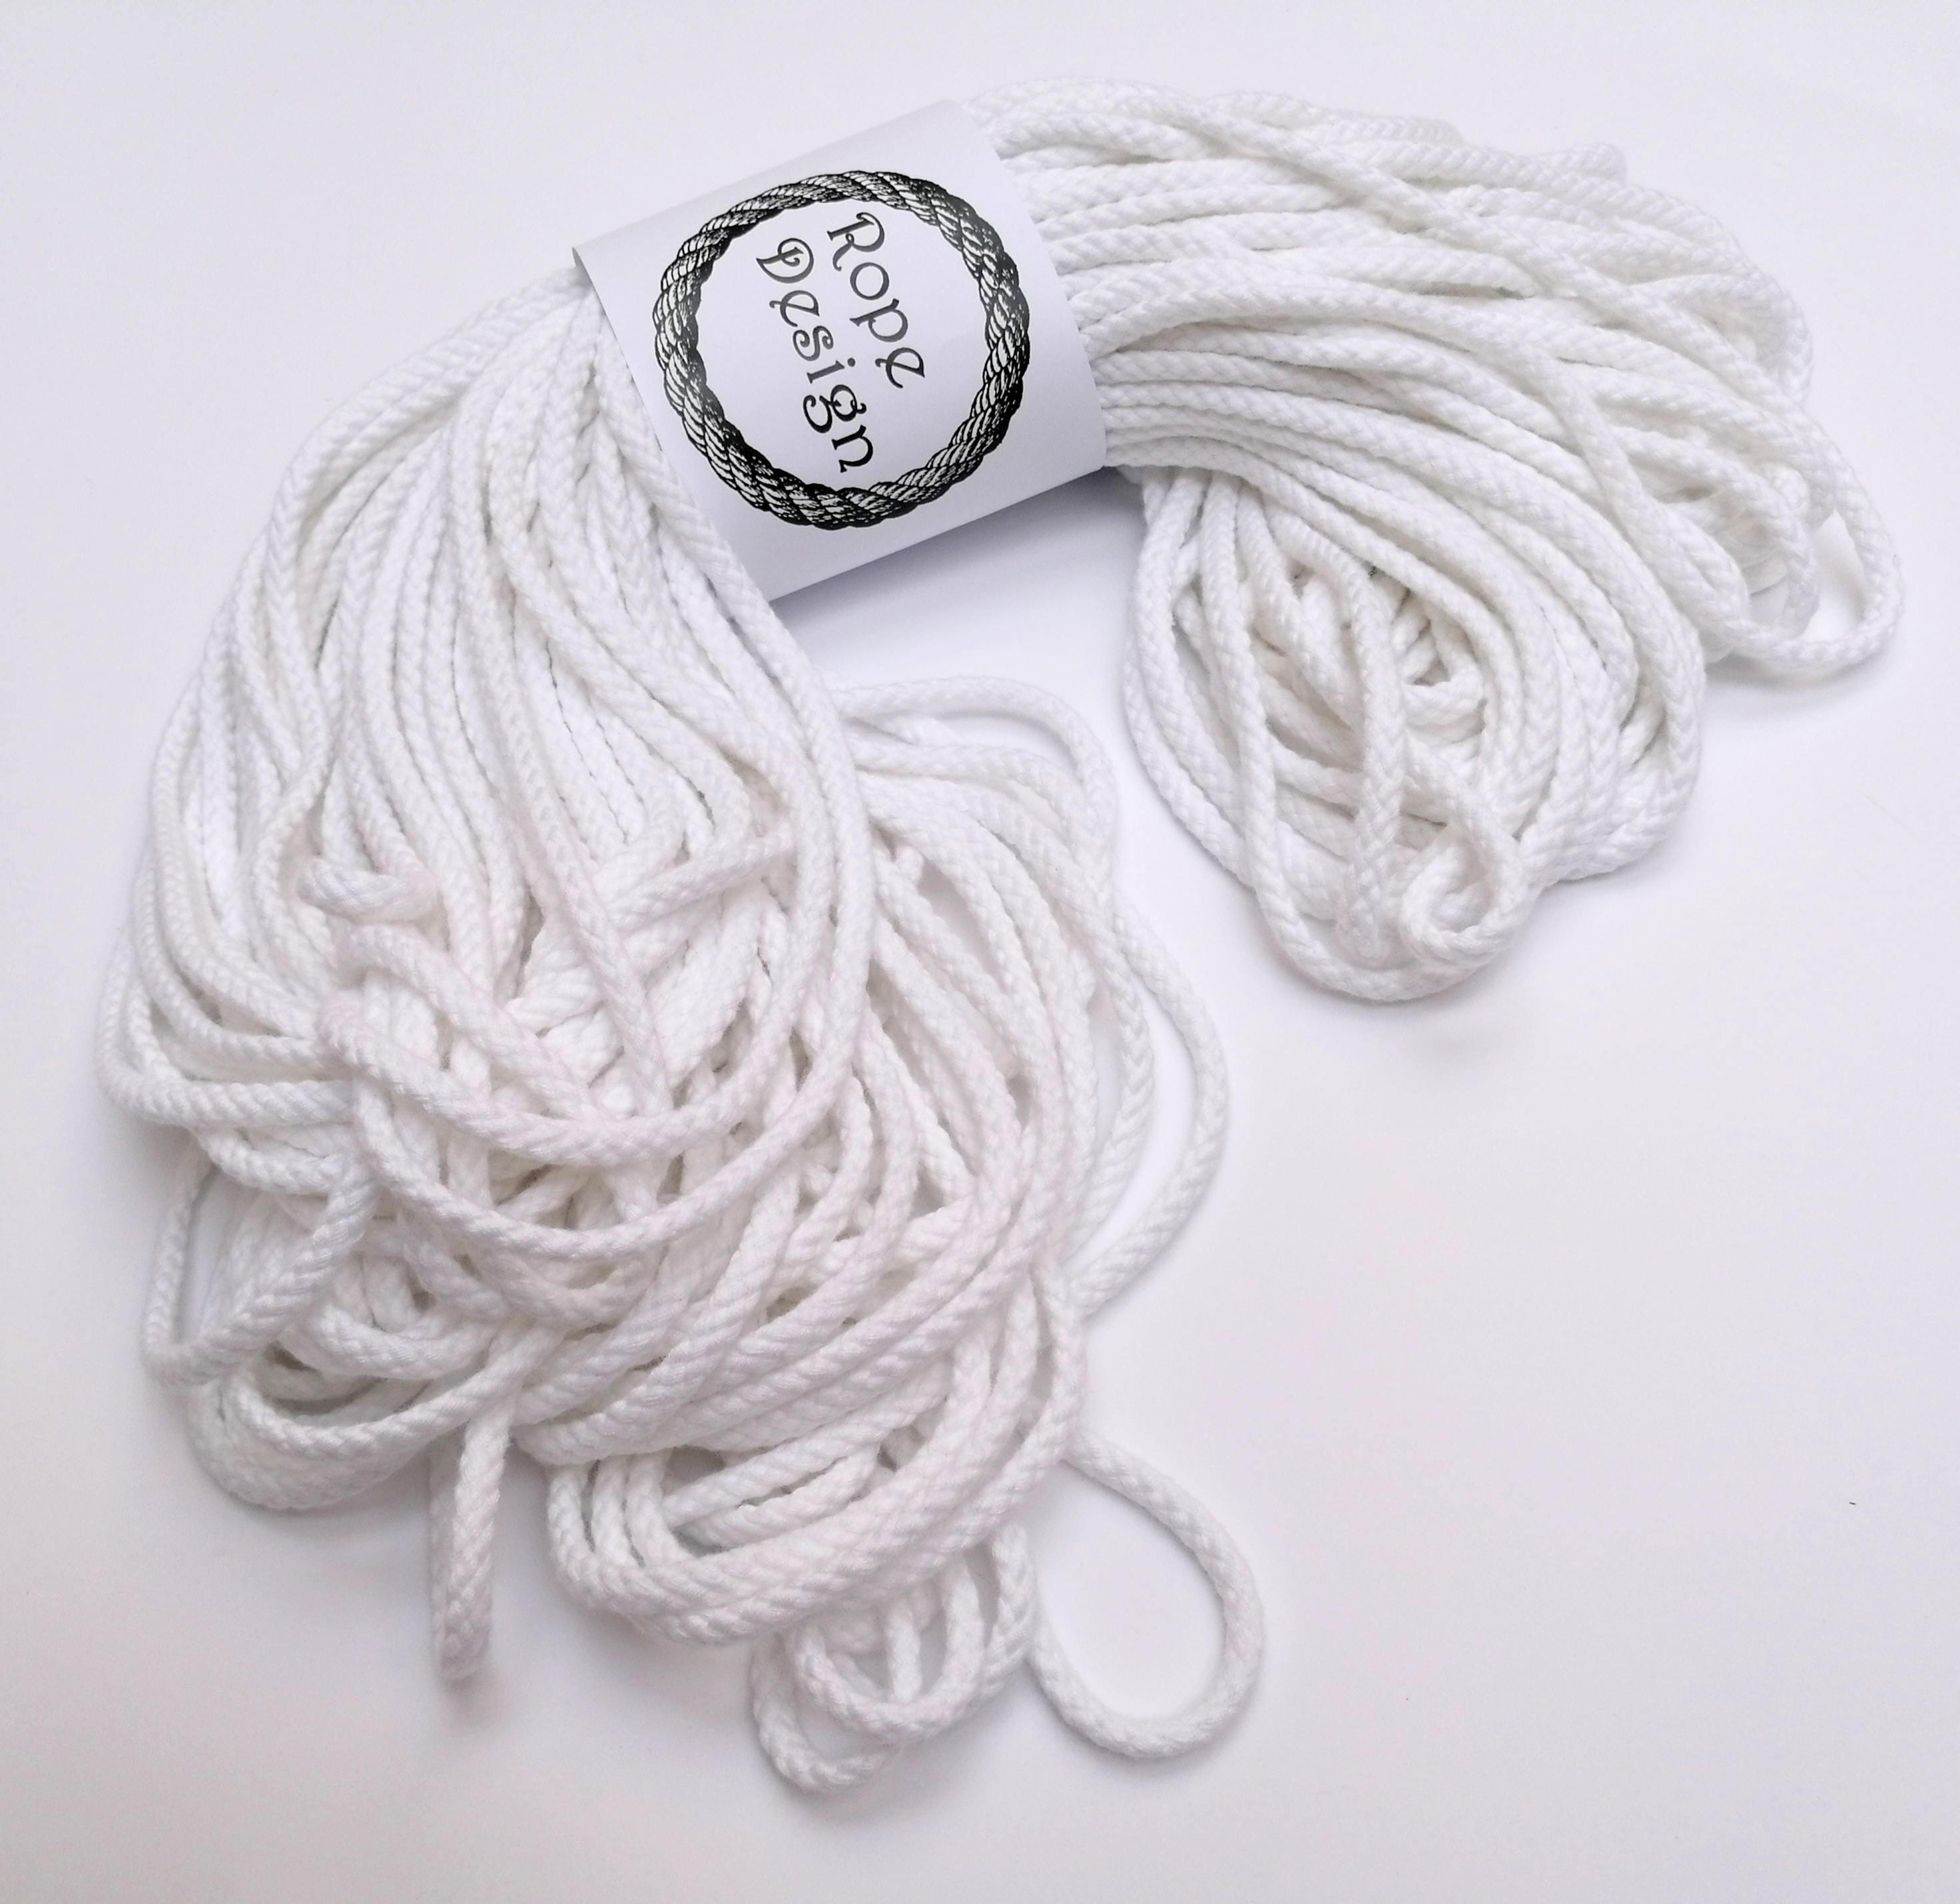 macram coton cordon doux corde blanche 5mm 50 m grosse. Black Bedroom Furniture Sets. Home Design Ideas